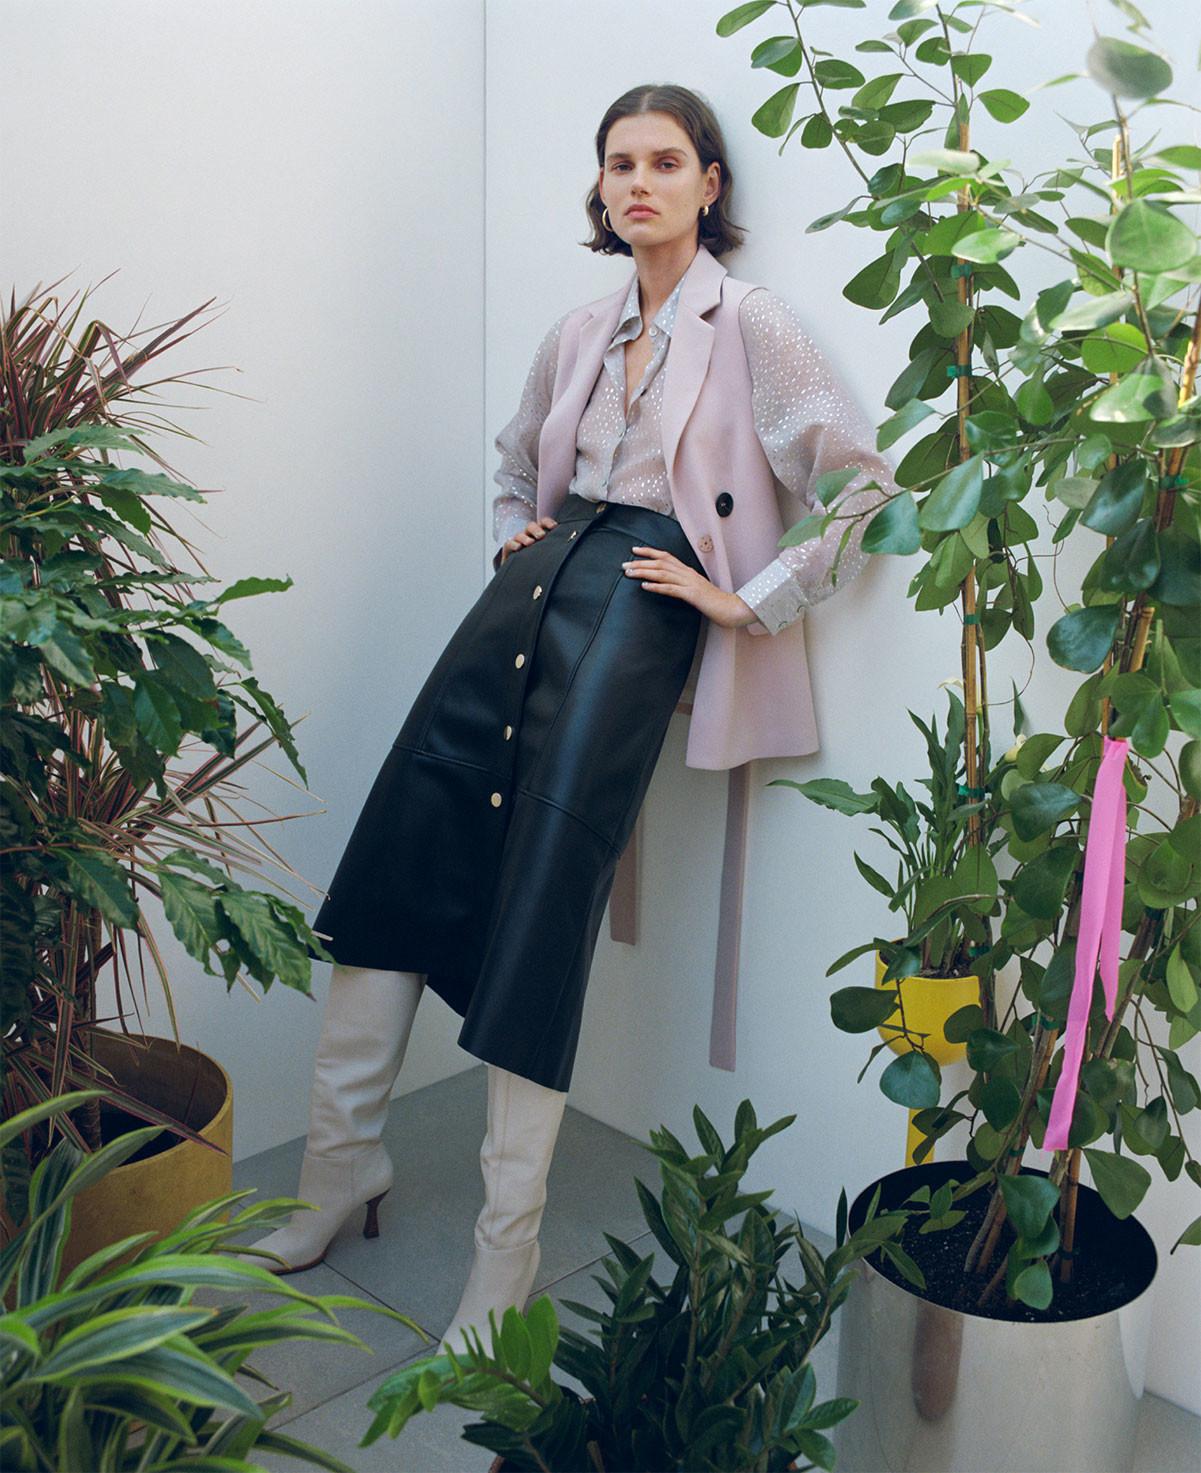 Cómo vestir de lunes a viernes  Zara nos da las claves para innovar en  nuestros looks de oficina 44438251d03